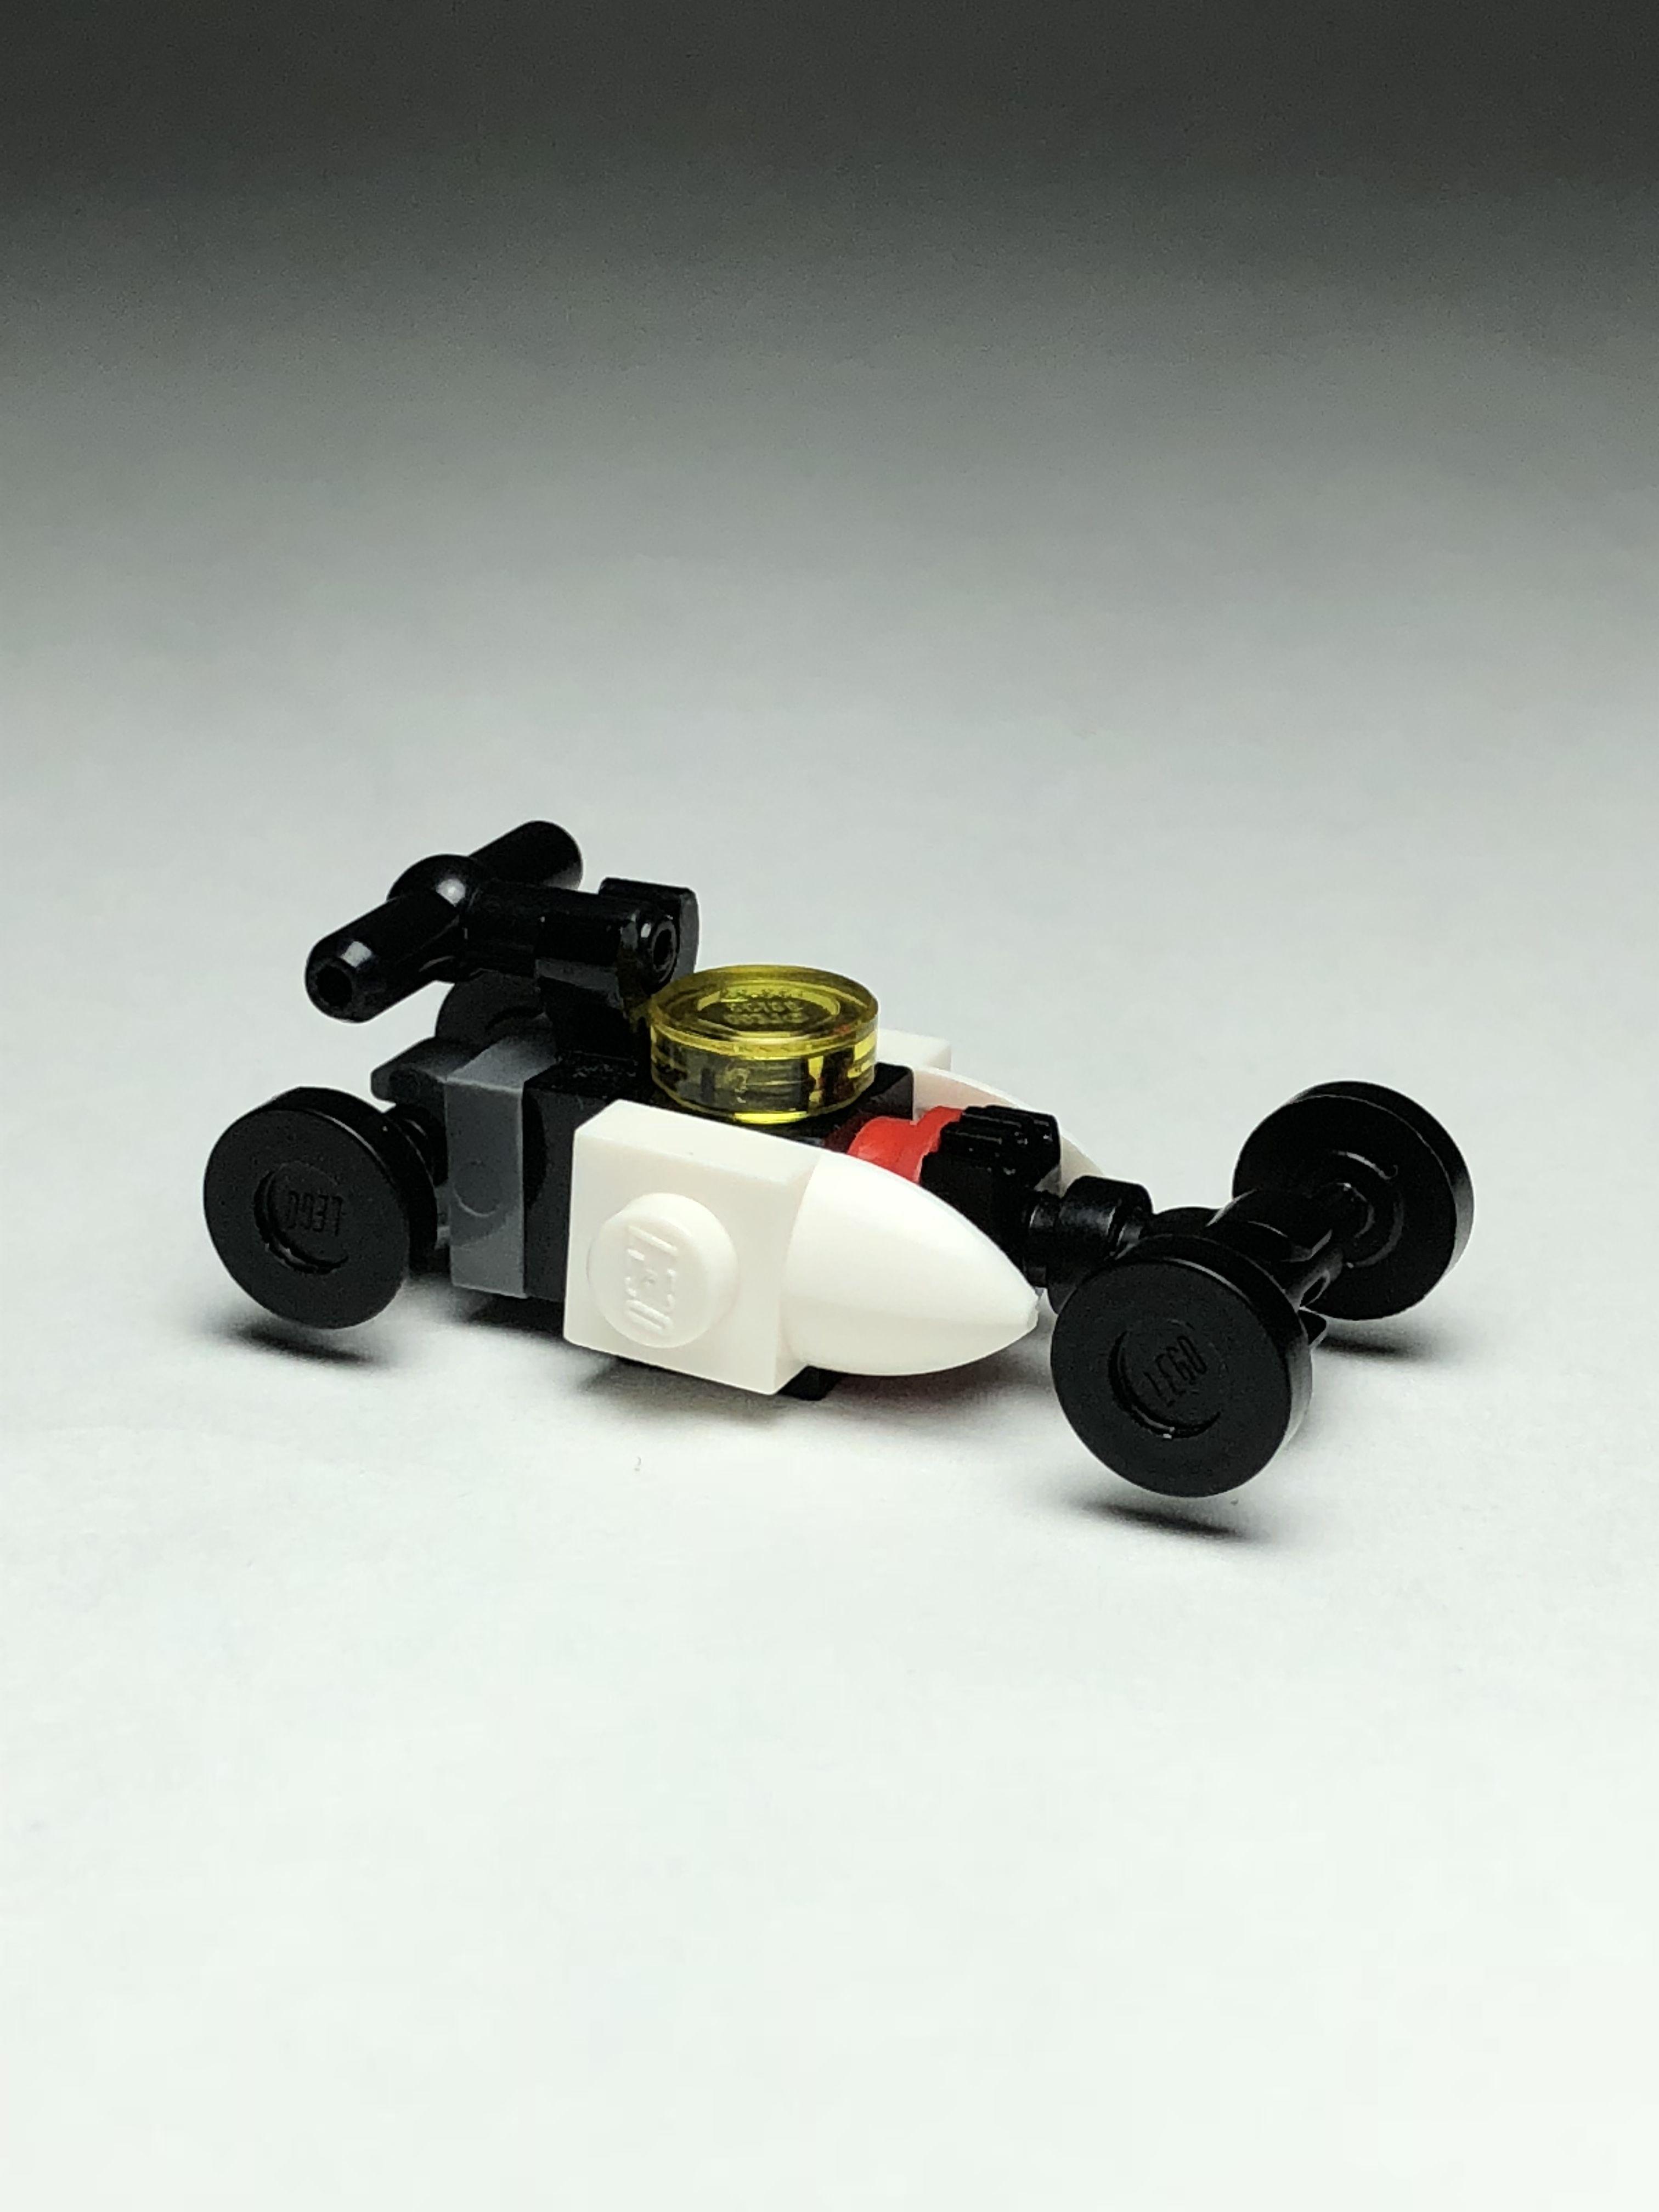 LEGO mini/micro formula one race car Mini micro, Lego, Mini